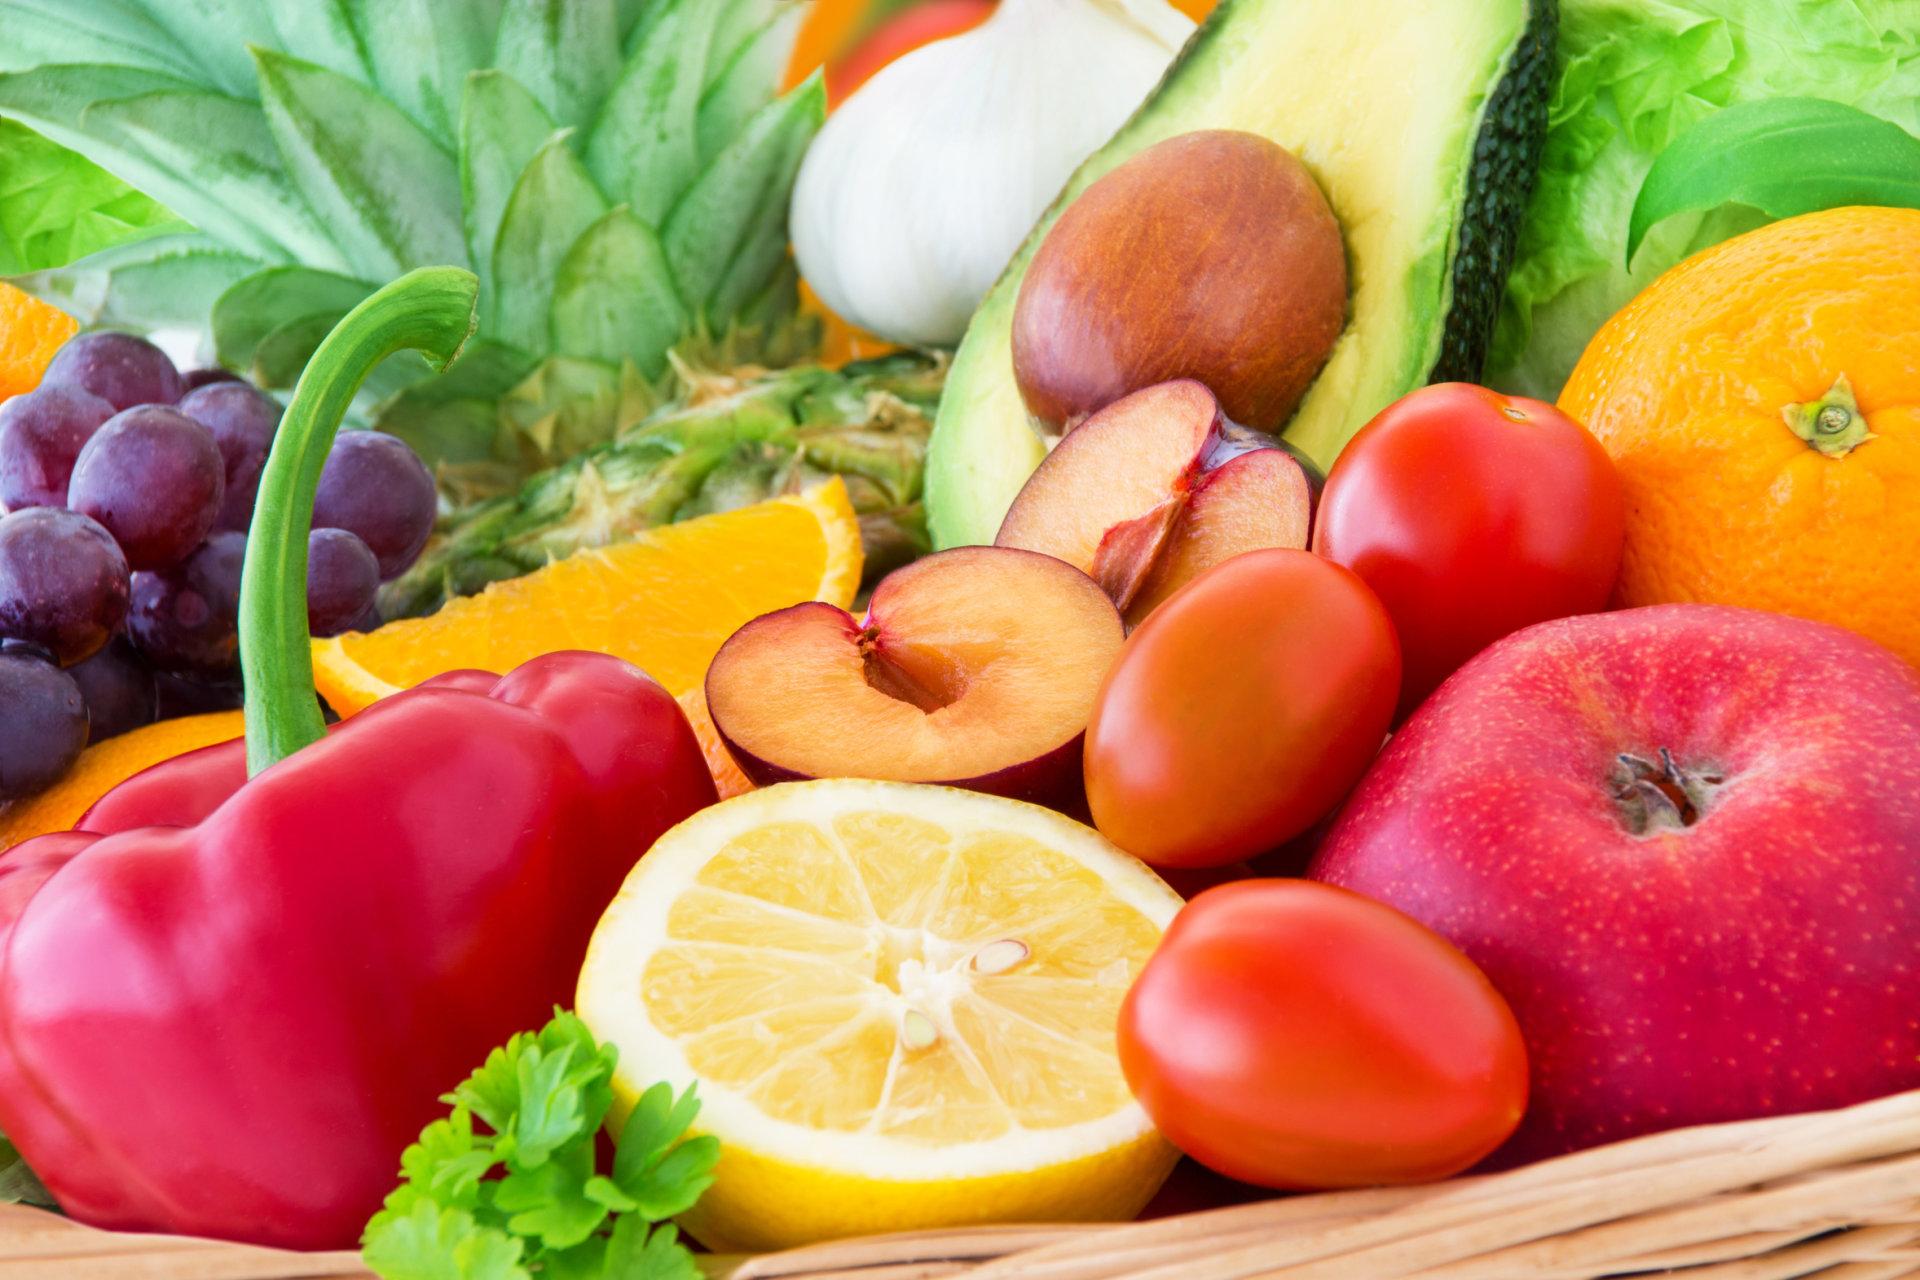 vaisiai ir daržovės vyrų erekcijai